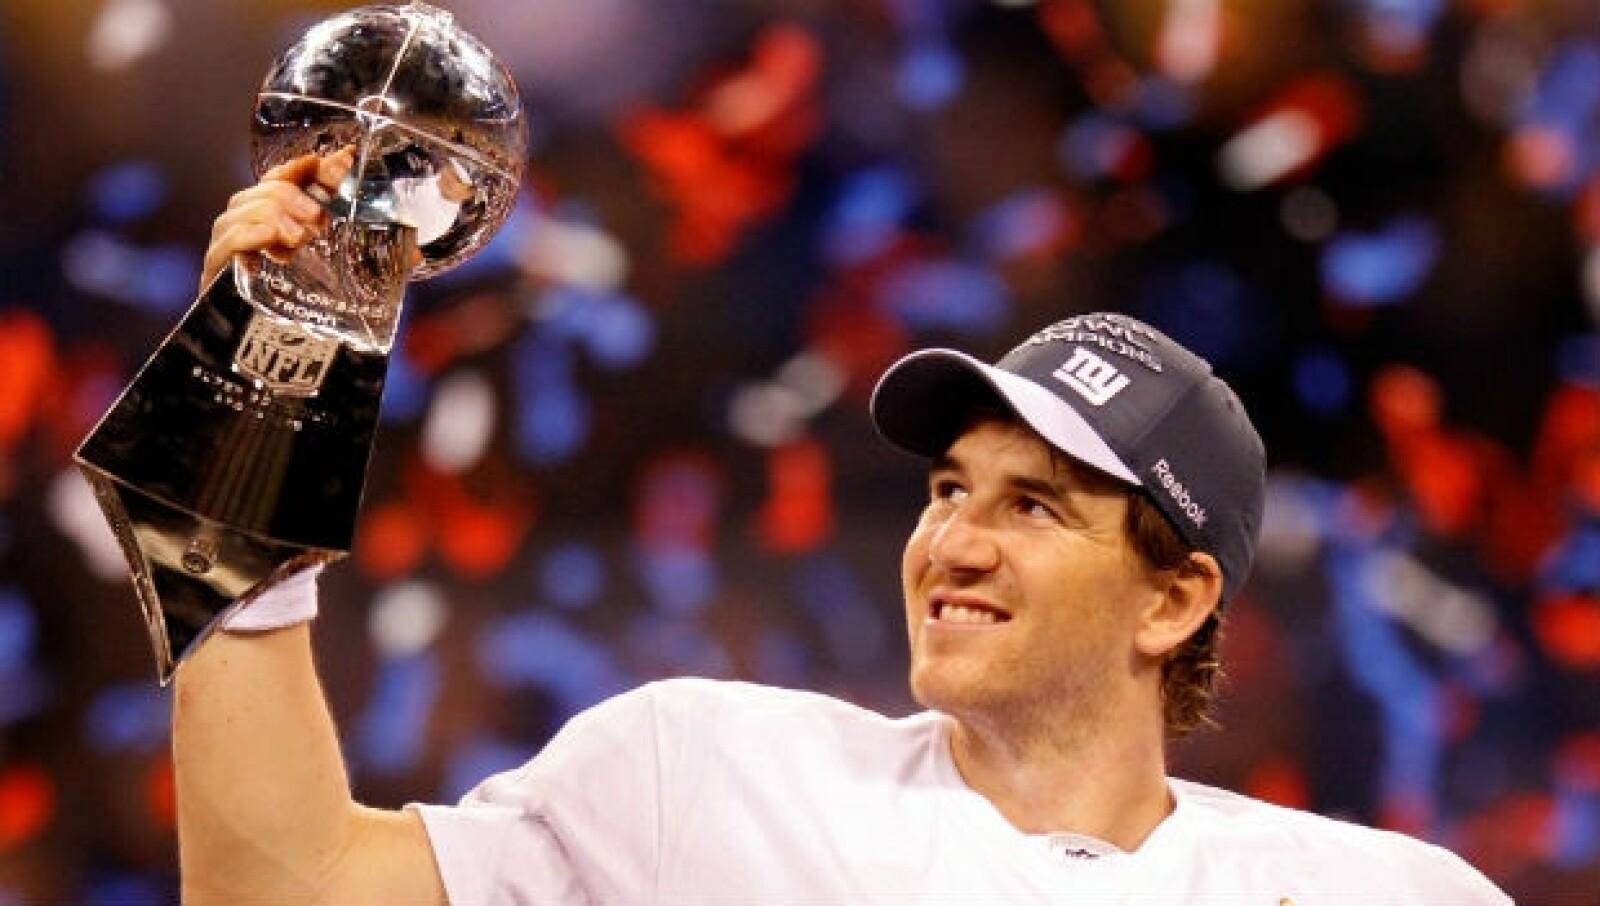 Manning NFL super bowl